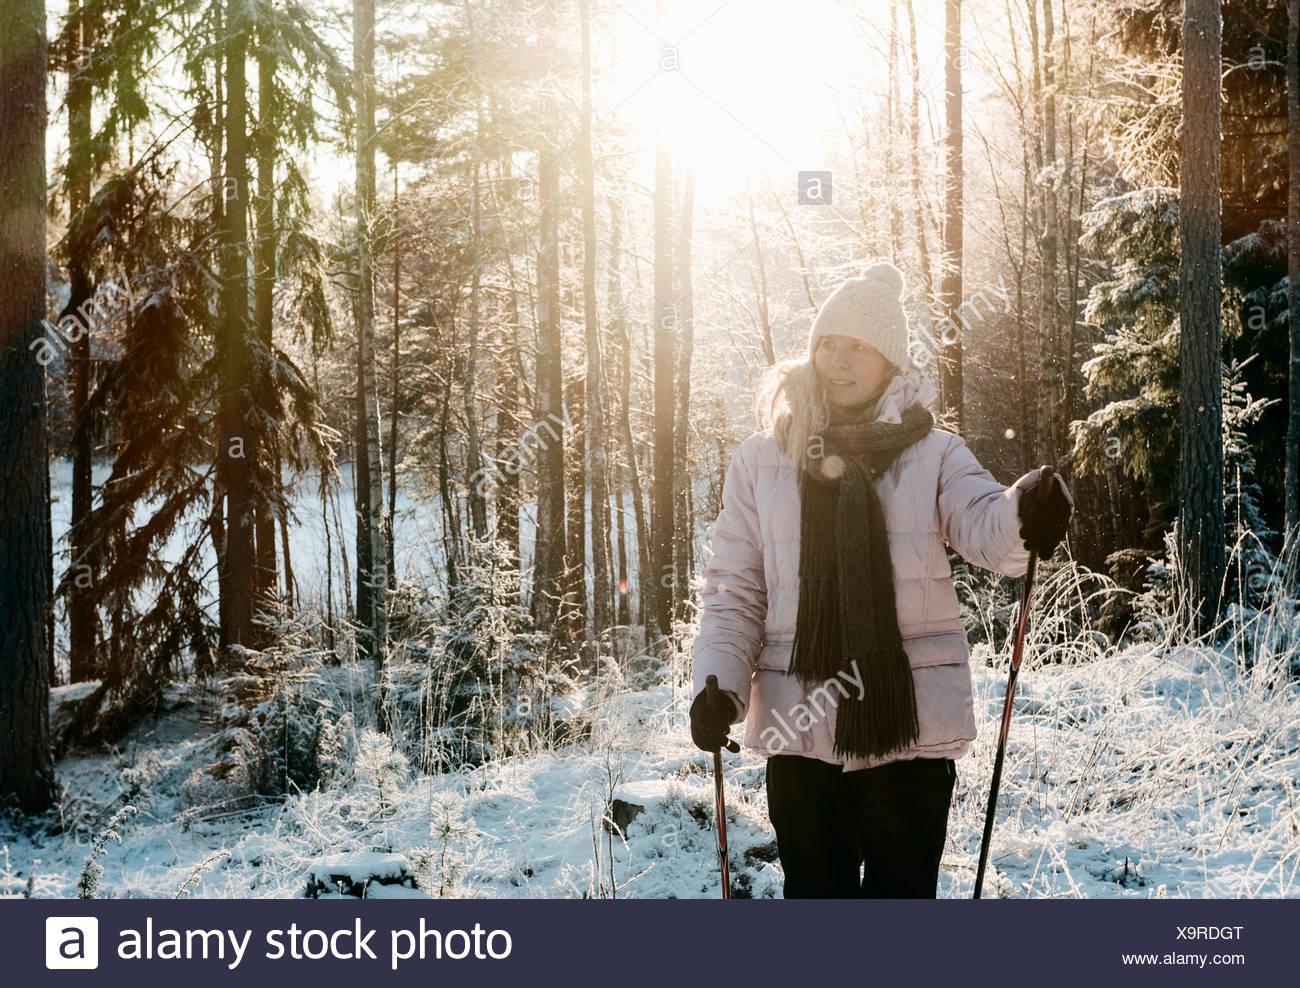 Mid adult woman marche nordique dans la forêt couverte de neige Photo Stock